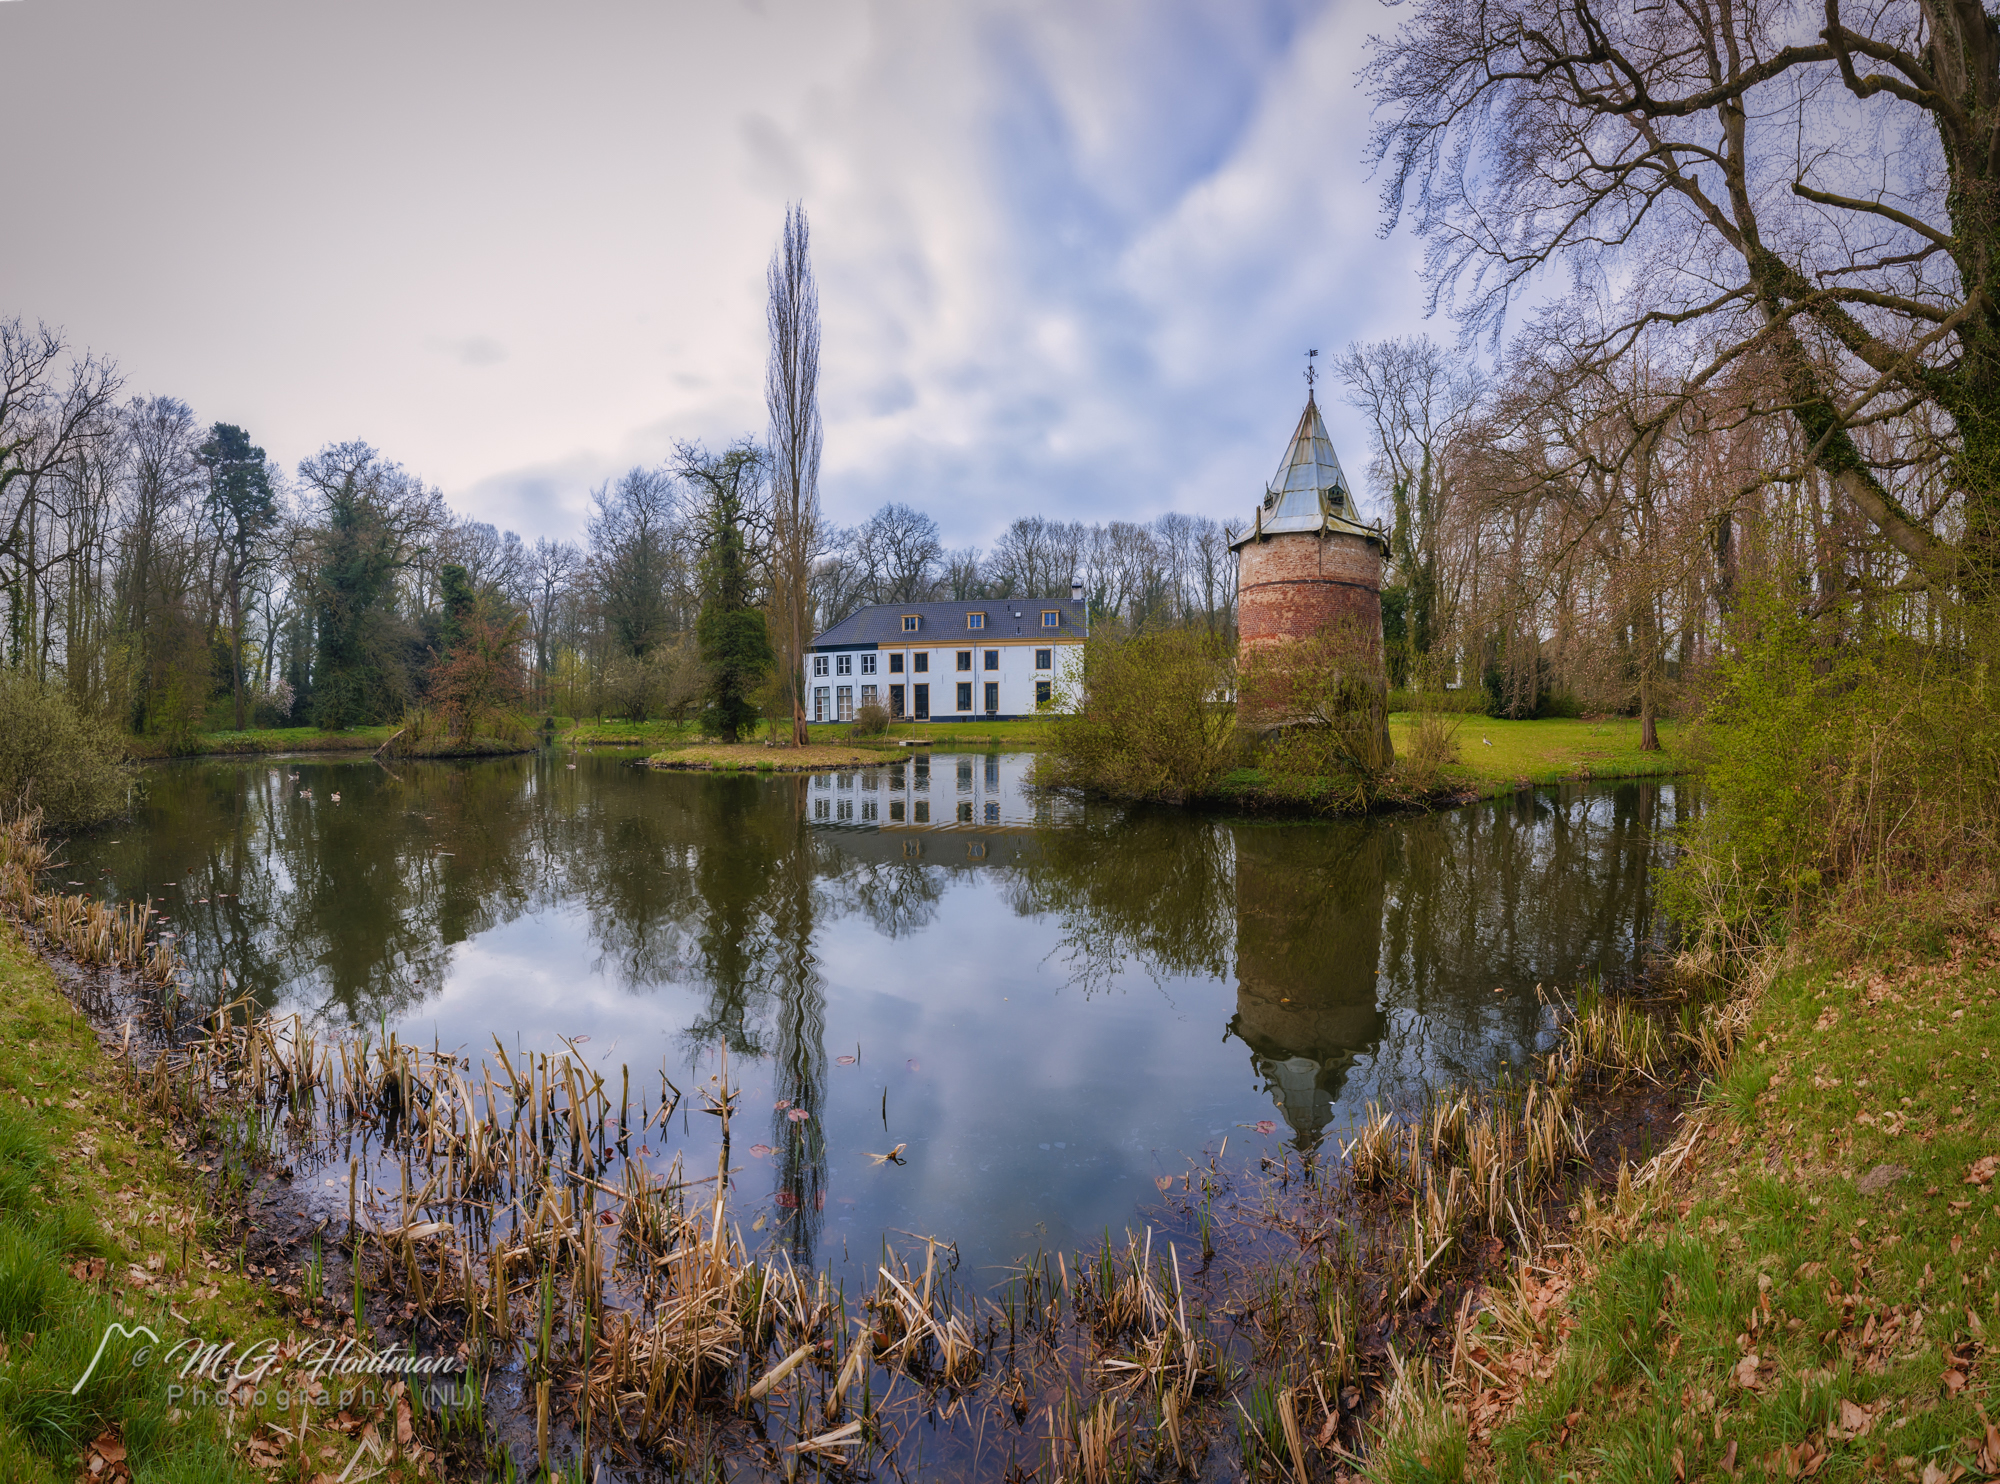 Wickenburgh, voorheen Westenstein, is een voormalig kasteel, nu buitenplaats bij 't Goy, gemeente Houten in de Nederlandse provincie Utrecht.Er bestaan aanwijzingen dat Wickenburgh de opvolger is van een hofstede uit de karolingische tijd, de Westrummerhofstede. Het huis werd gebouwd aan de rand van de Westrummerweijde, dat in de vroege middeleeuwen onderdeel uitmaakte van het gebied Westrum, een nederzetting waaromheen akkers en weidegebieden lagen. Een kaart uit 1641 laat voor het huis een ronde vijver zien met daarin een rond eiland. Op dit eiland zou op een verhoging een in hout opgetrokken hoogmiddeleeuws mottekasteeltje kunnen hebben gestaan.